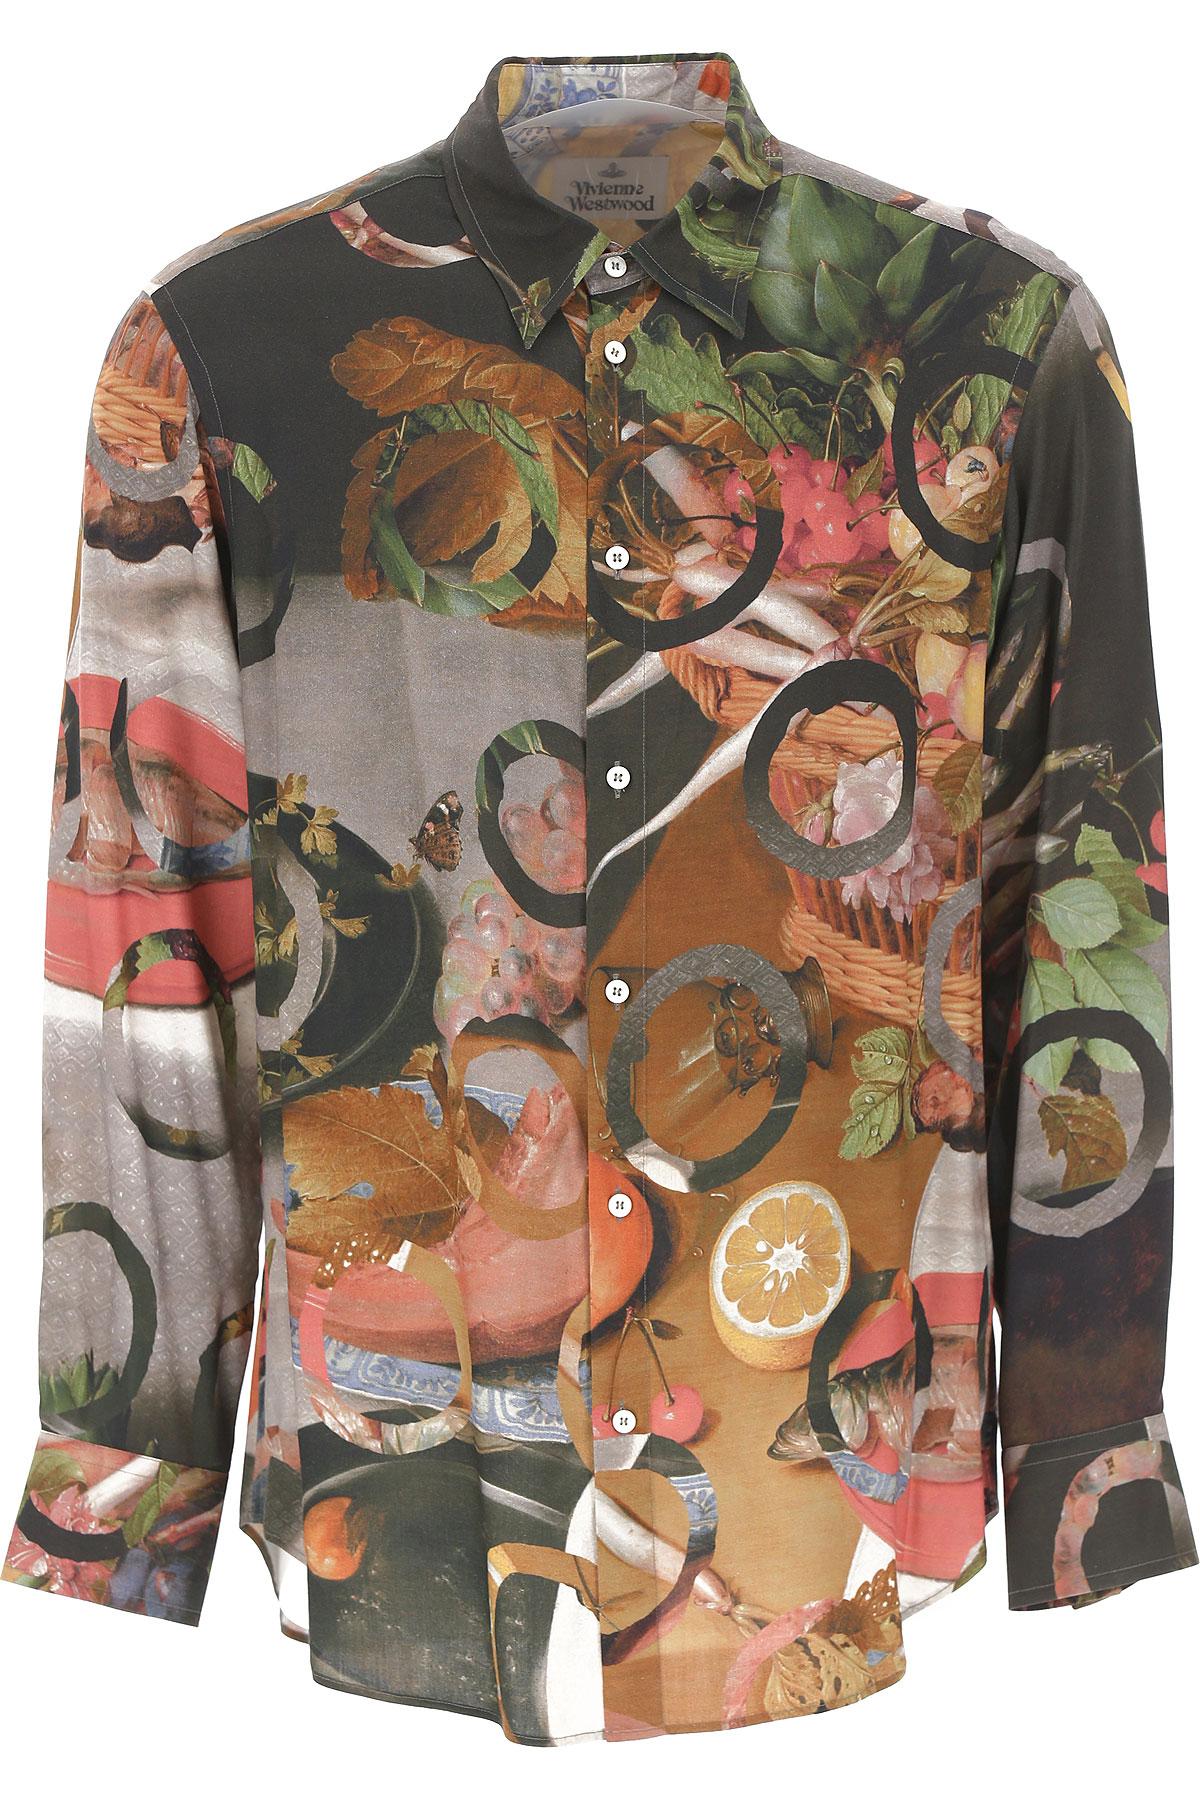 Vivienne Westwood Chemise Homme Pas cher en Soldes, Multicolore, Viscose, 2019, L XL